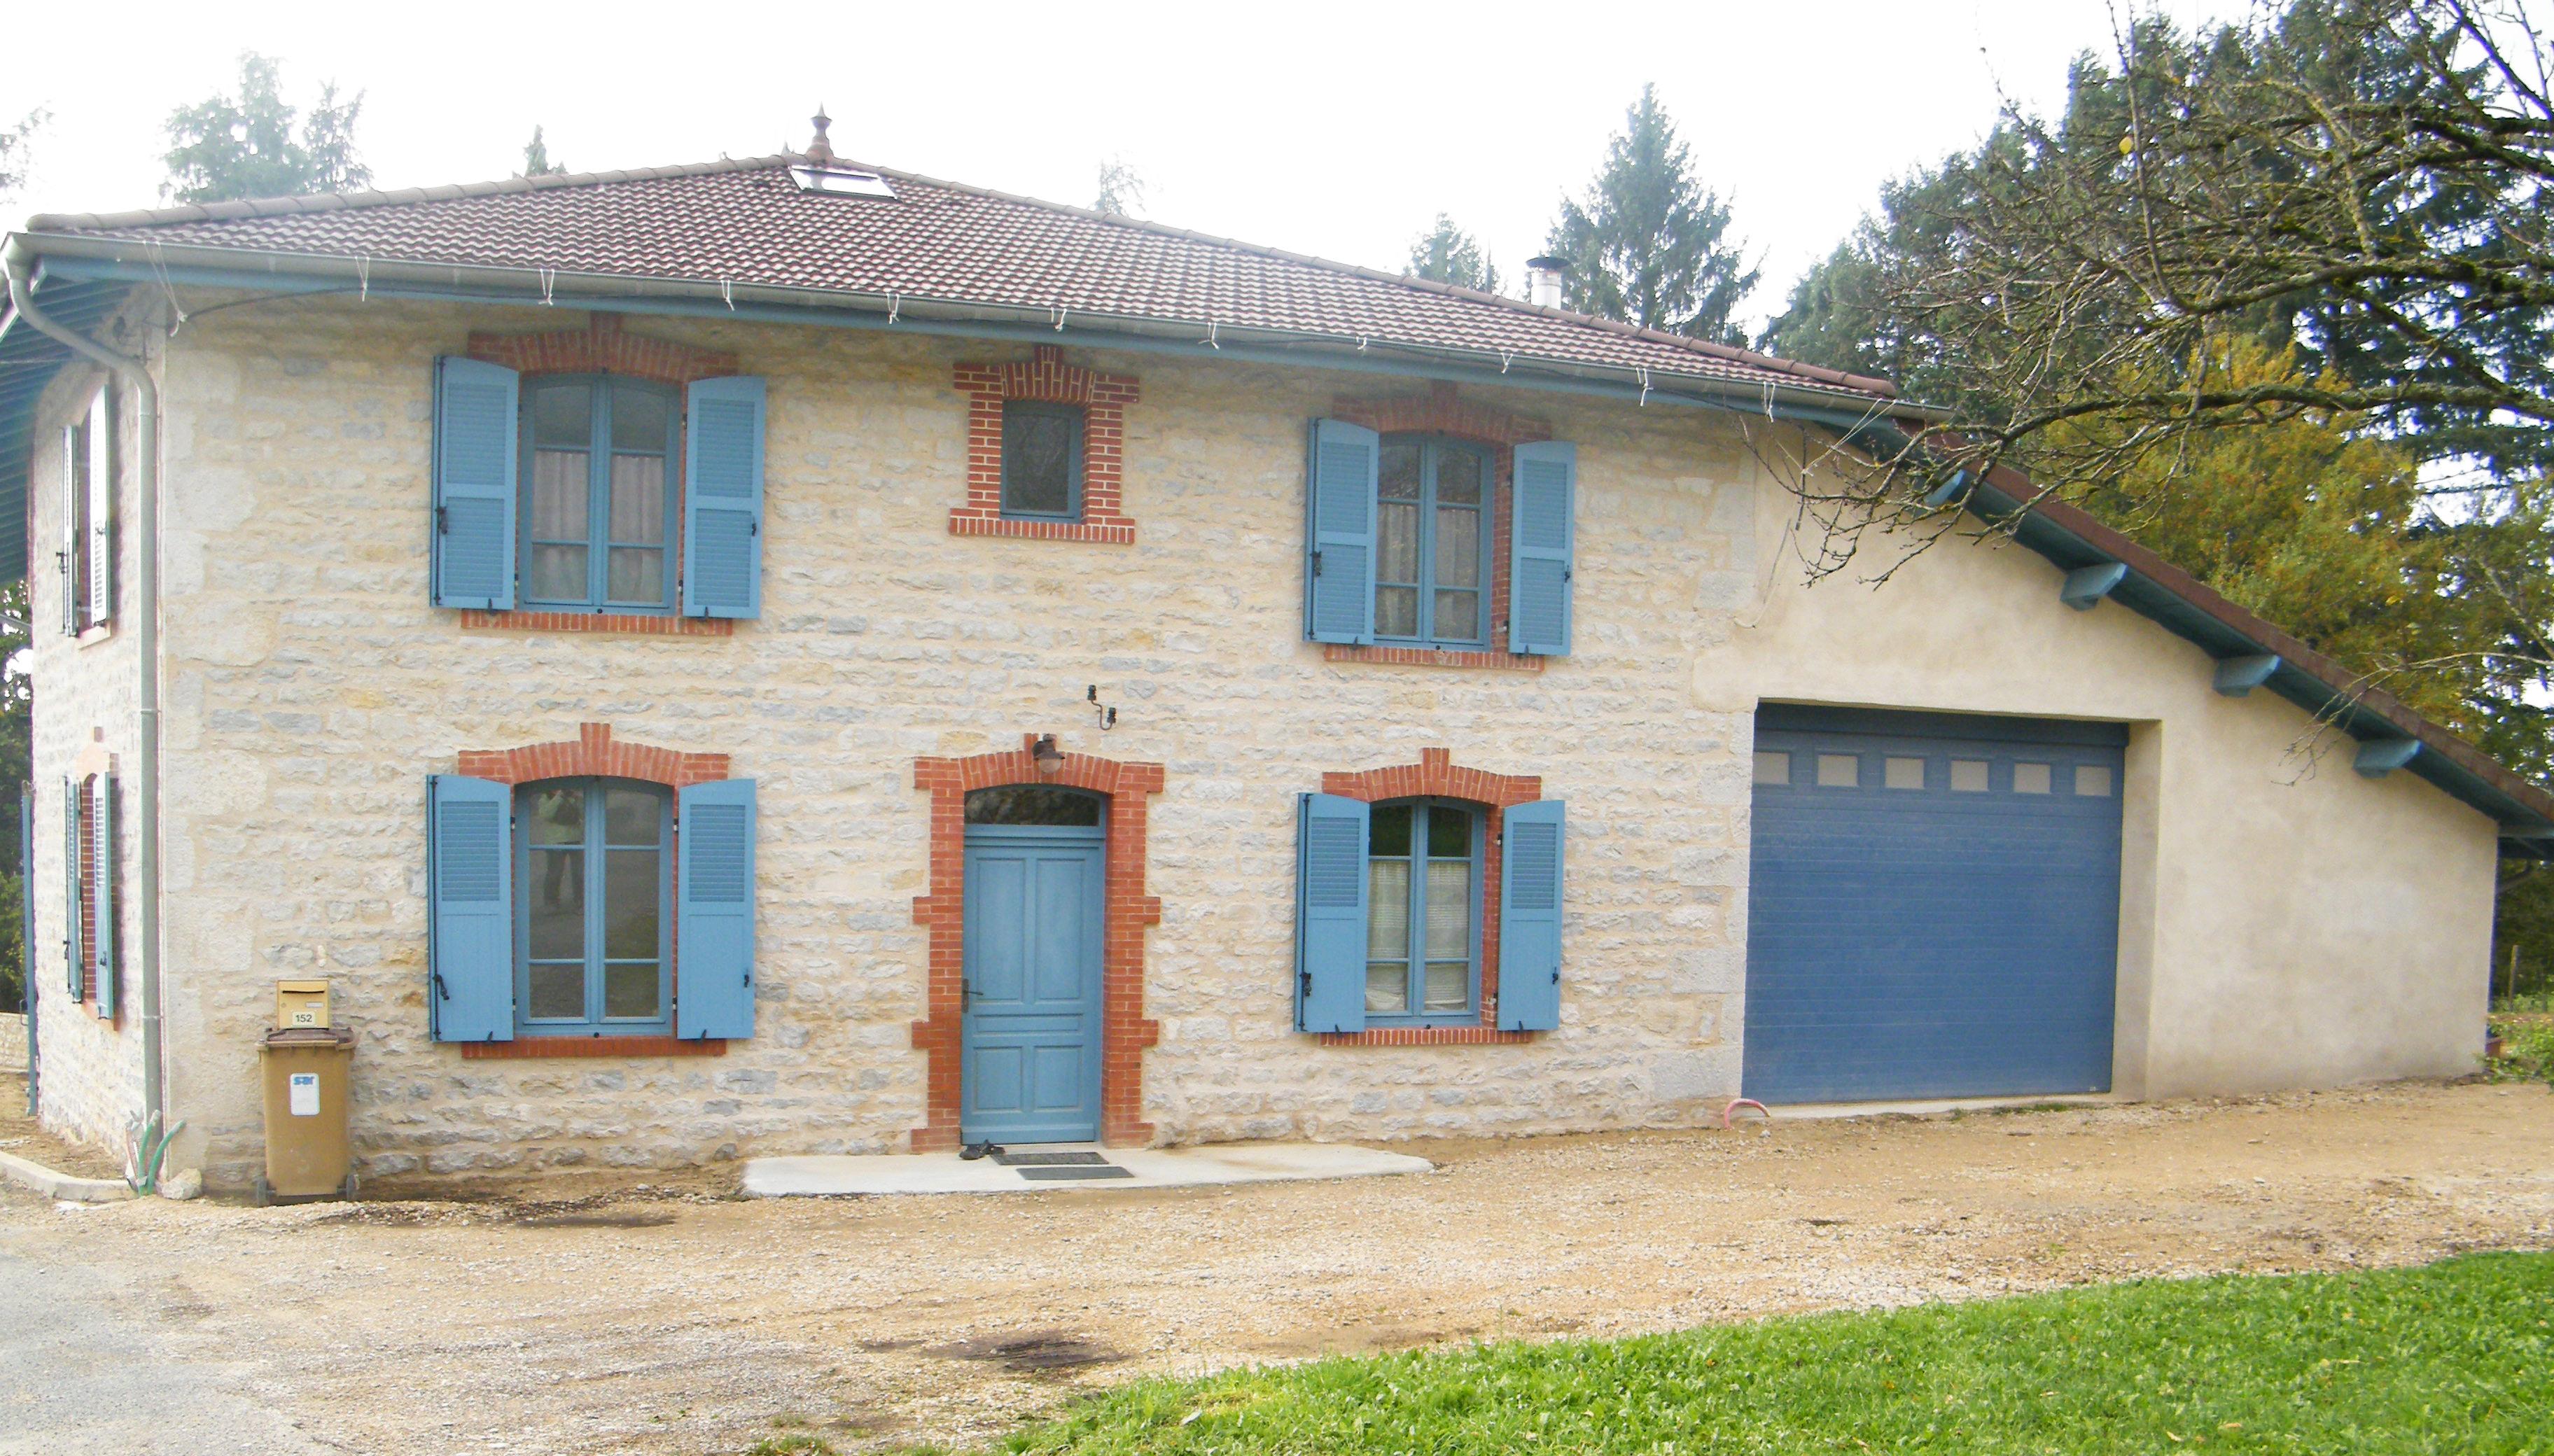 Joints de pierre en façades - 01370 PRESSIAT VAL-REVERMONT